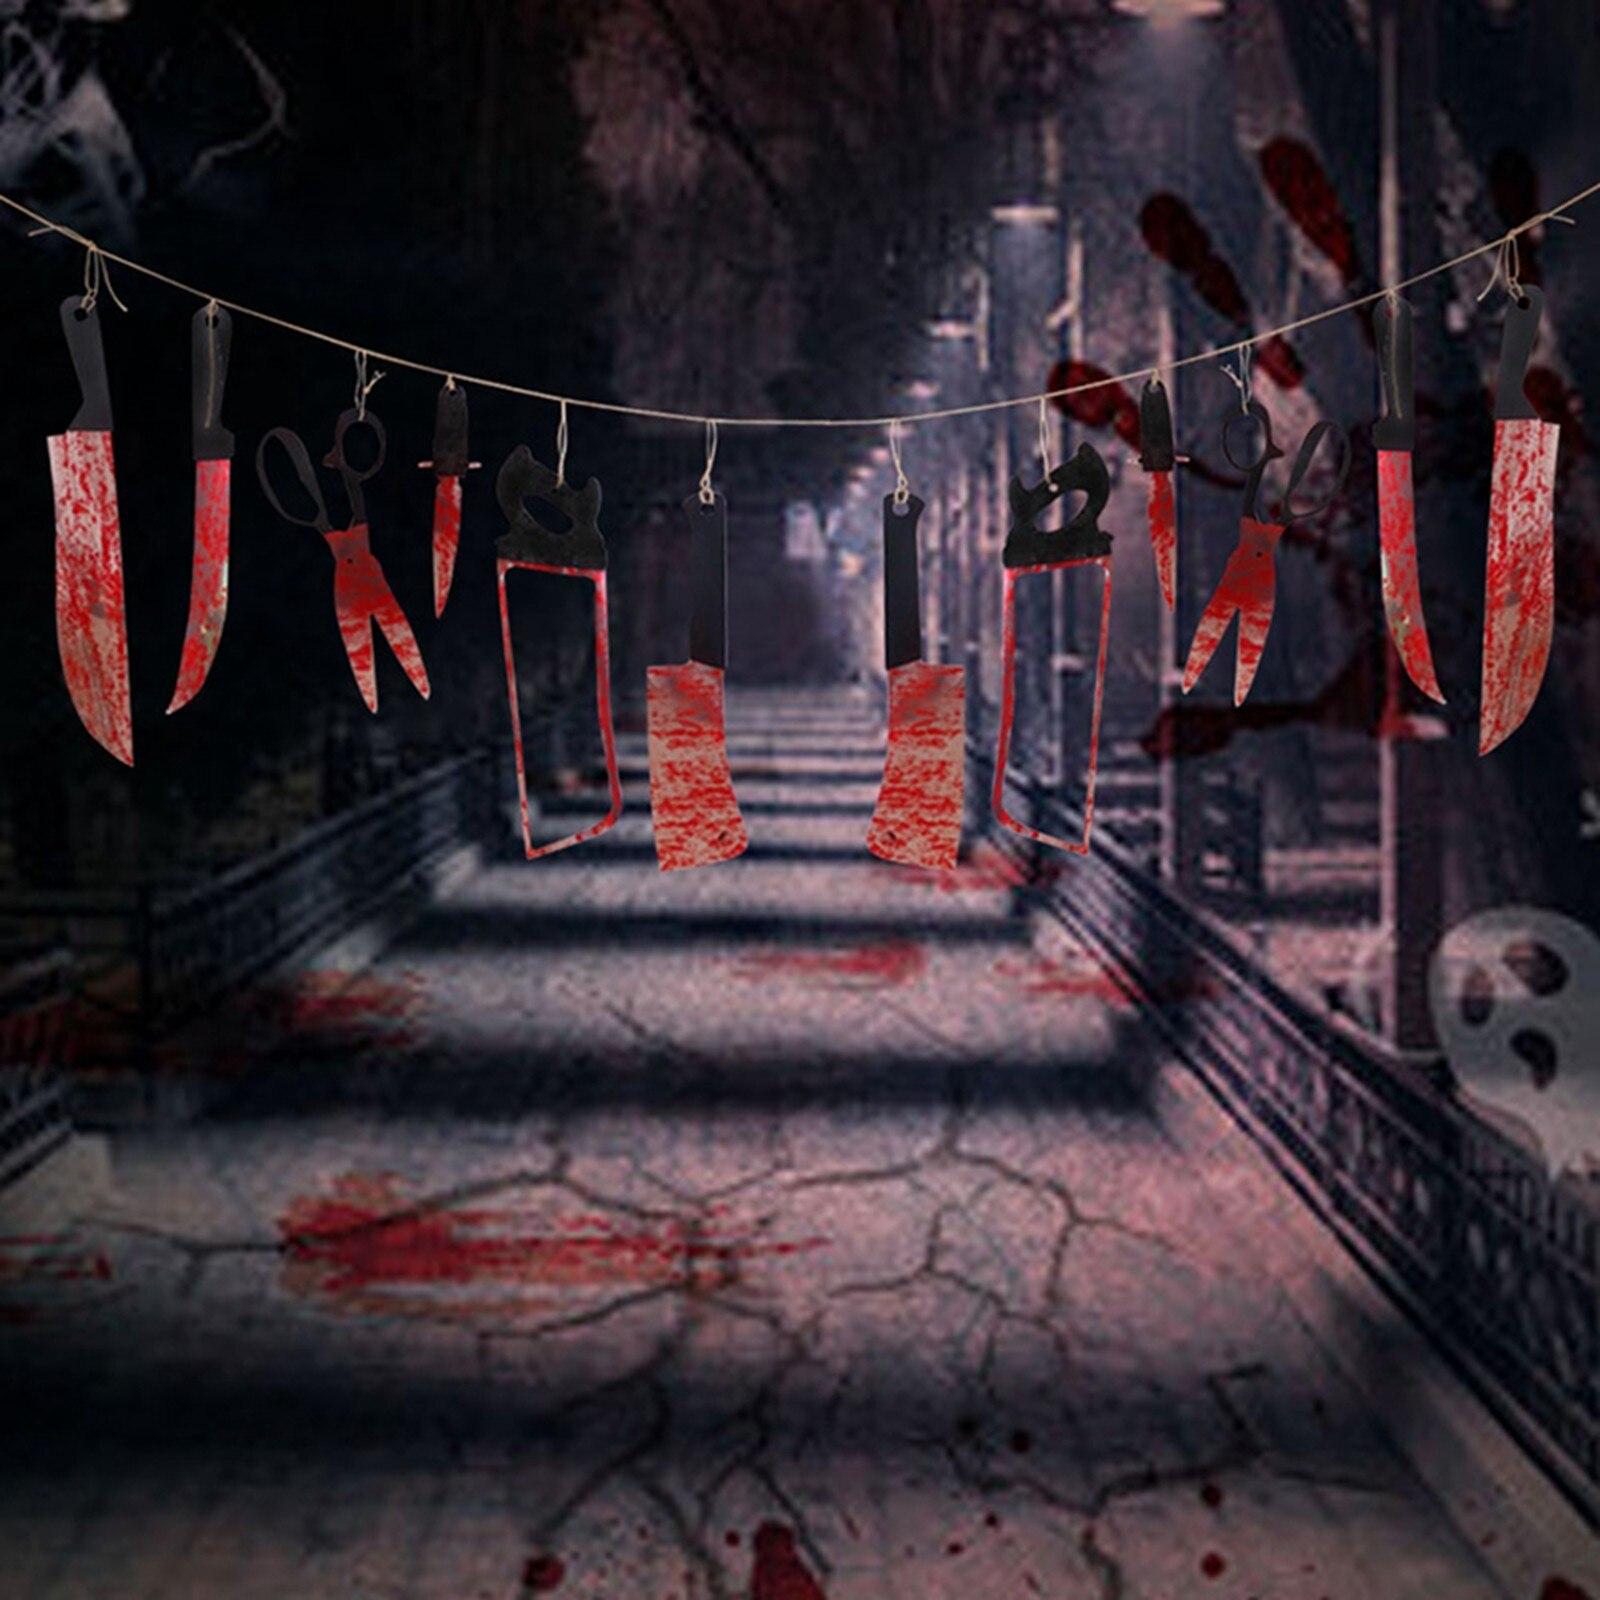 Бумажные баннеры на Хэллоуин, кровавые подвесные украшения, режущий инструмент, баннеры, флаги, вечеринка на Хэллоуин, поставка 2019